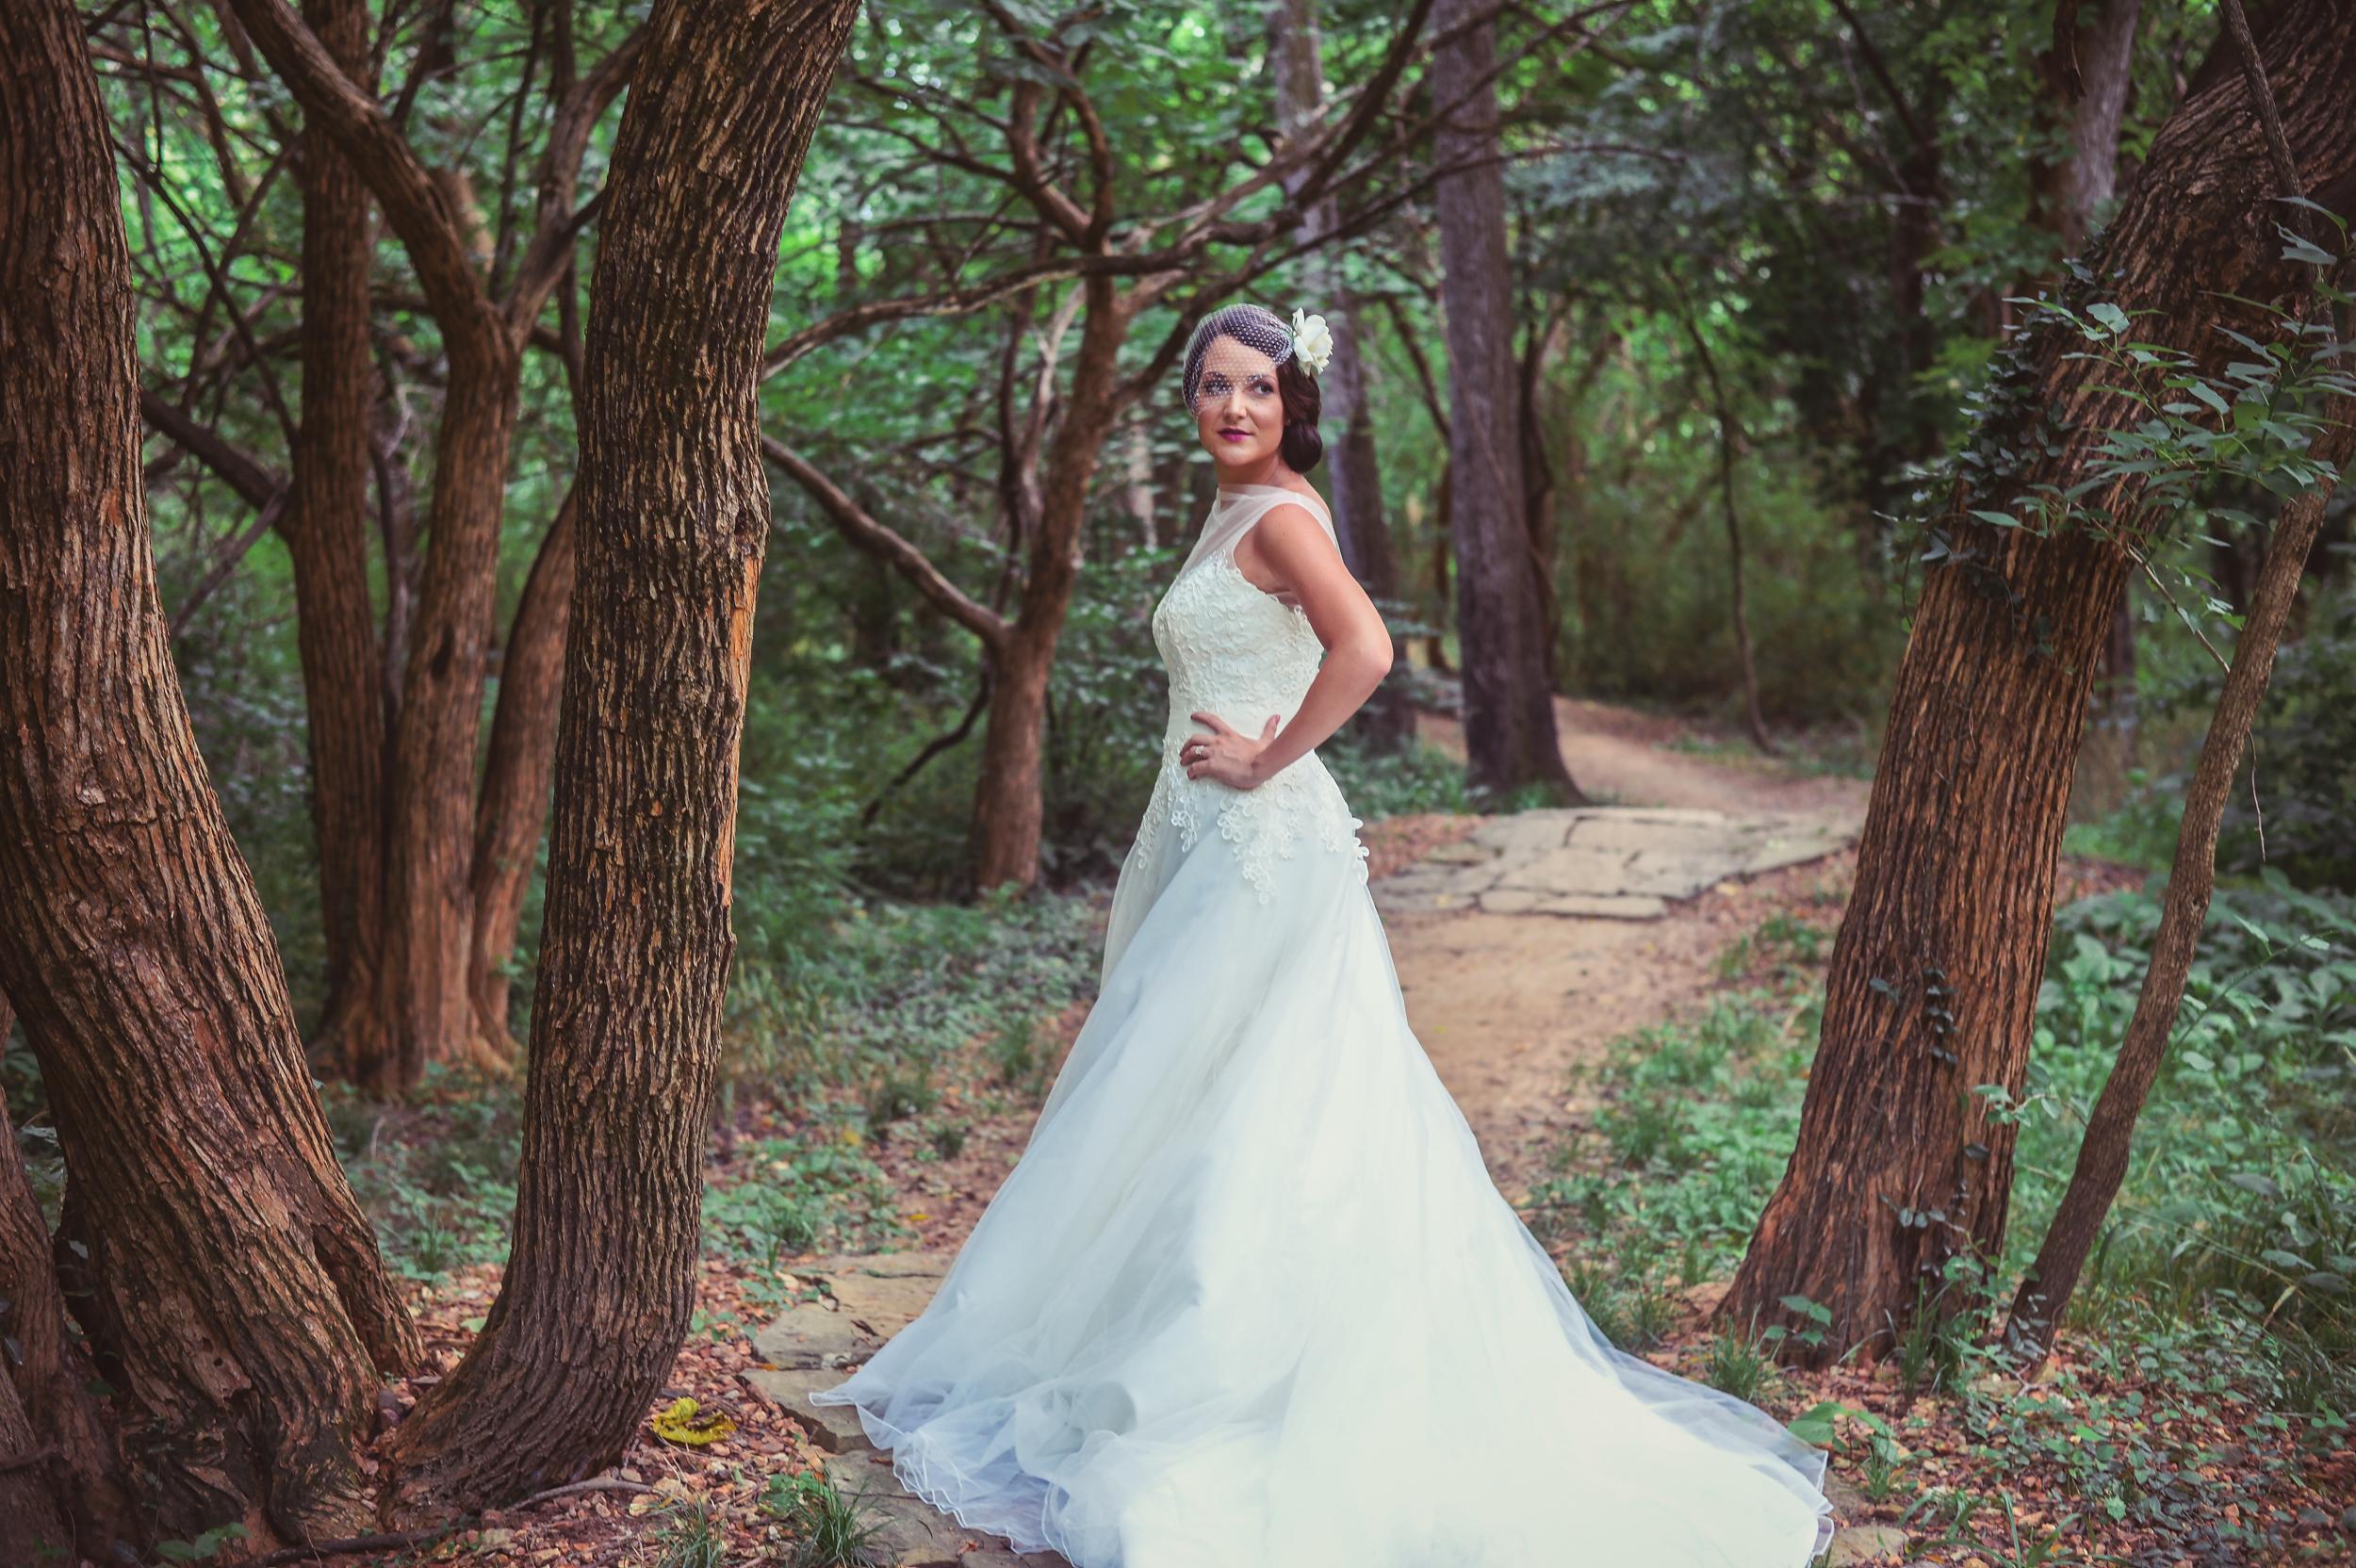 bridals©2015mileswittboyer-37.jpg